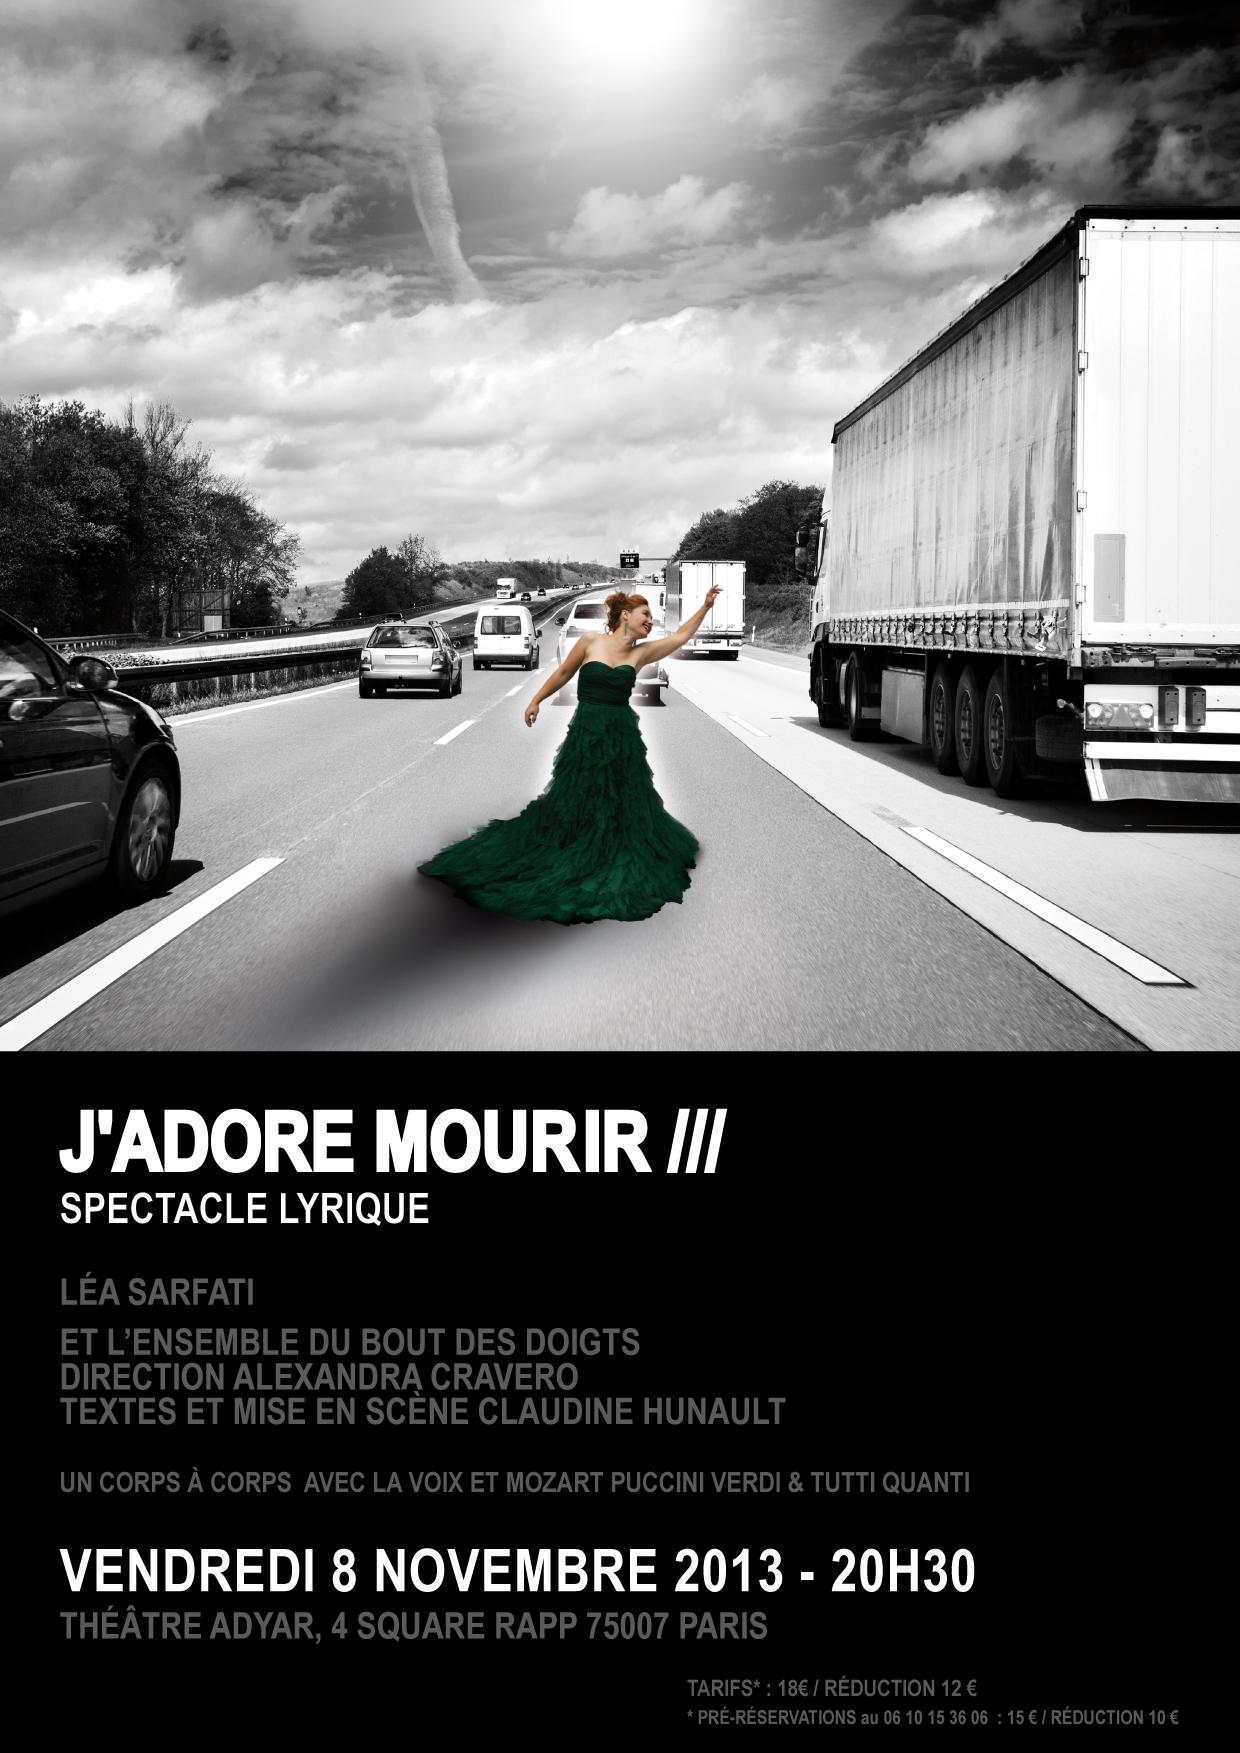 AFFICHE-JADORE-MOURIR-jc1.jpg